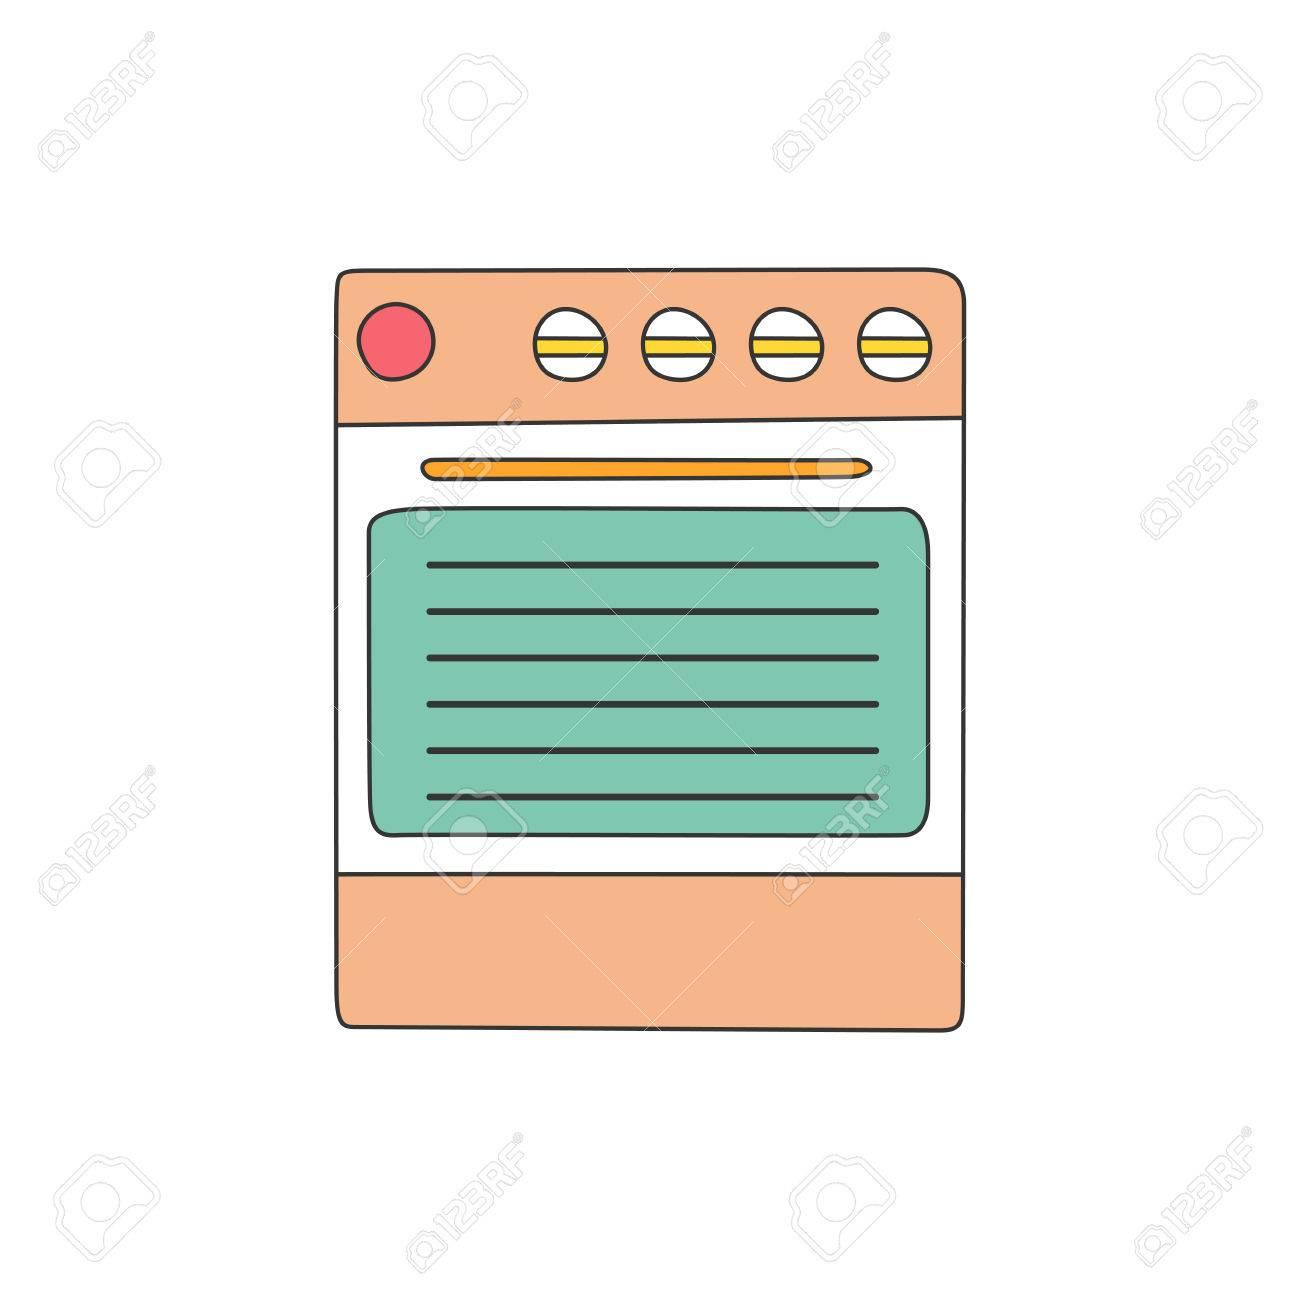 Vector Illustration Avec Isolé Ligne Plate Cuisinière Sur Fond Blanc Appliance Accueil Cuisine Intérieur Conception De Cuisine En Ligne Cooking